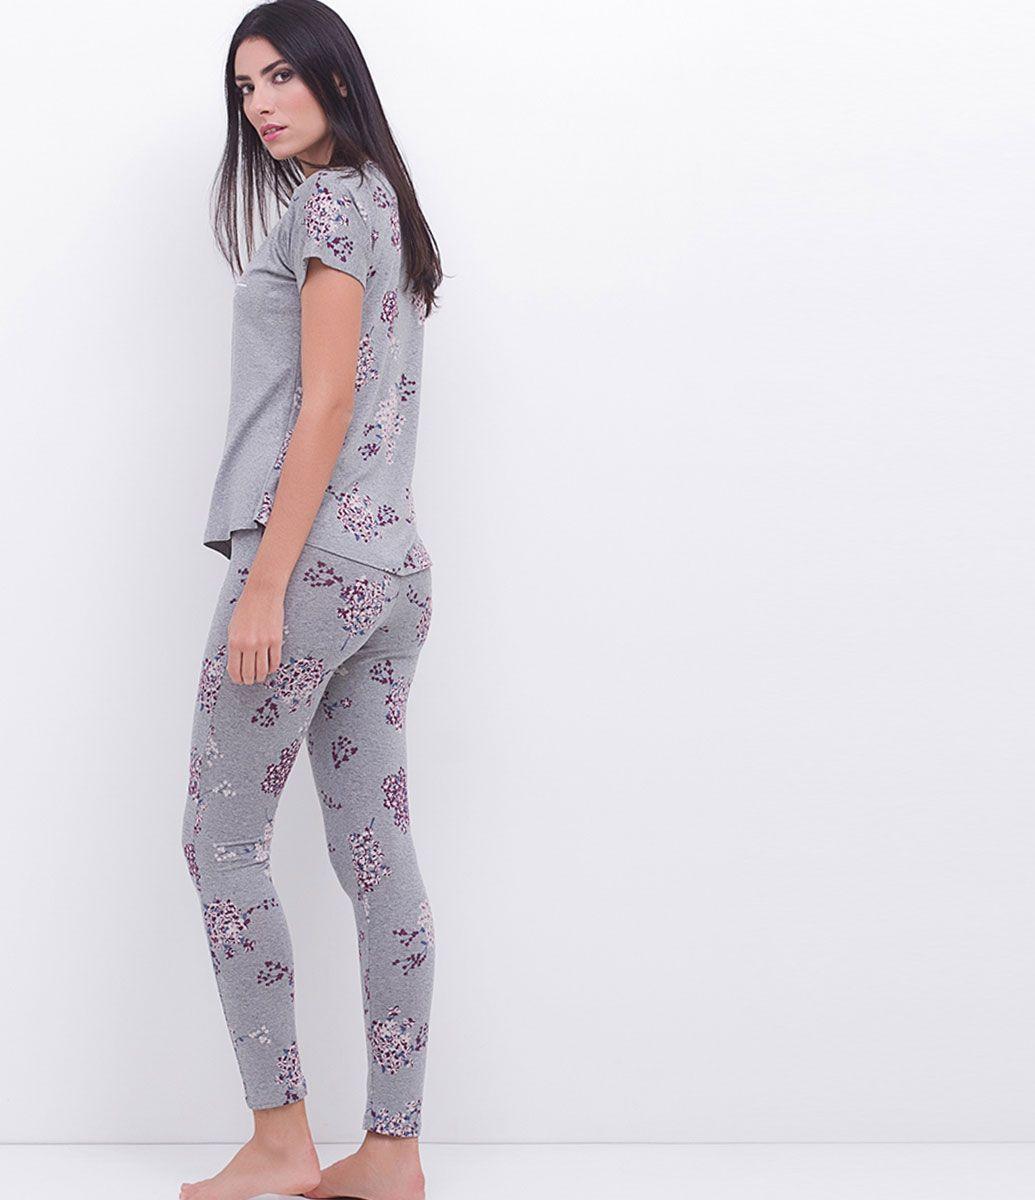 e4af5296e3ec86 Pijama feminino Manga curta Floral Blusa com estampa Calça legging ...